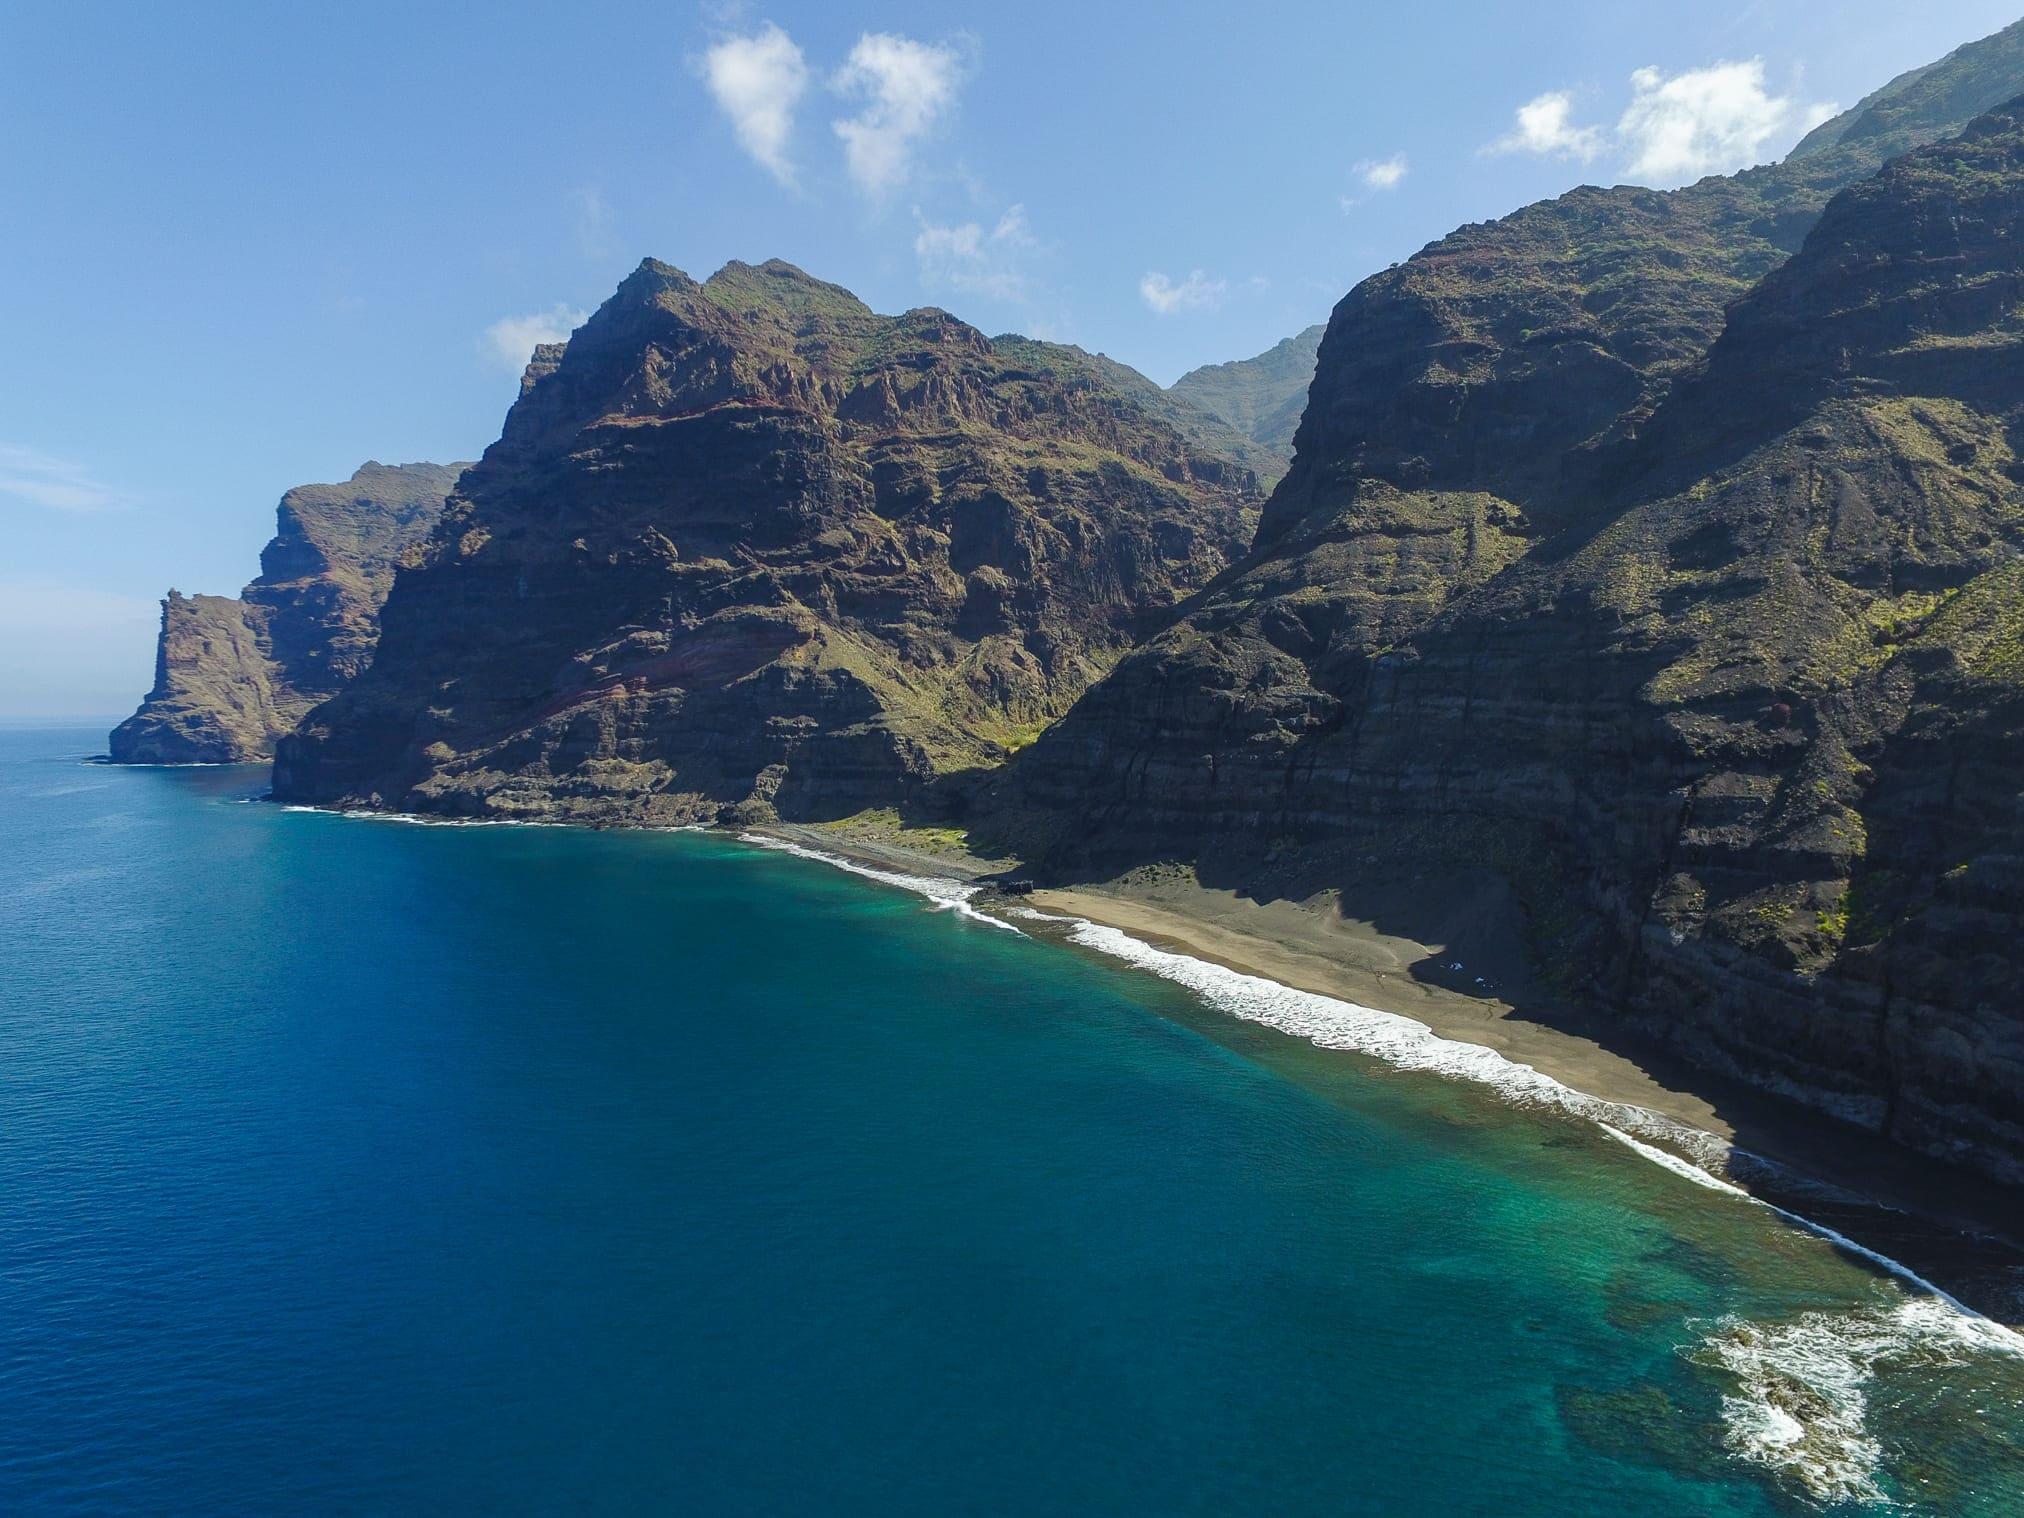 Una vista aérea de la Playa Güi Güi